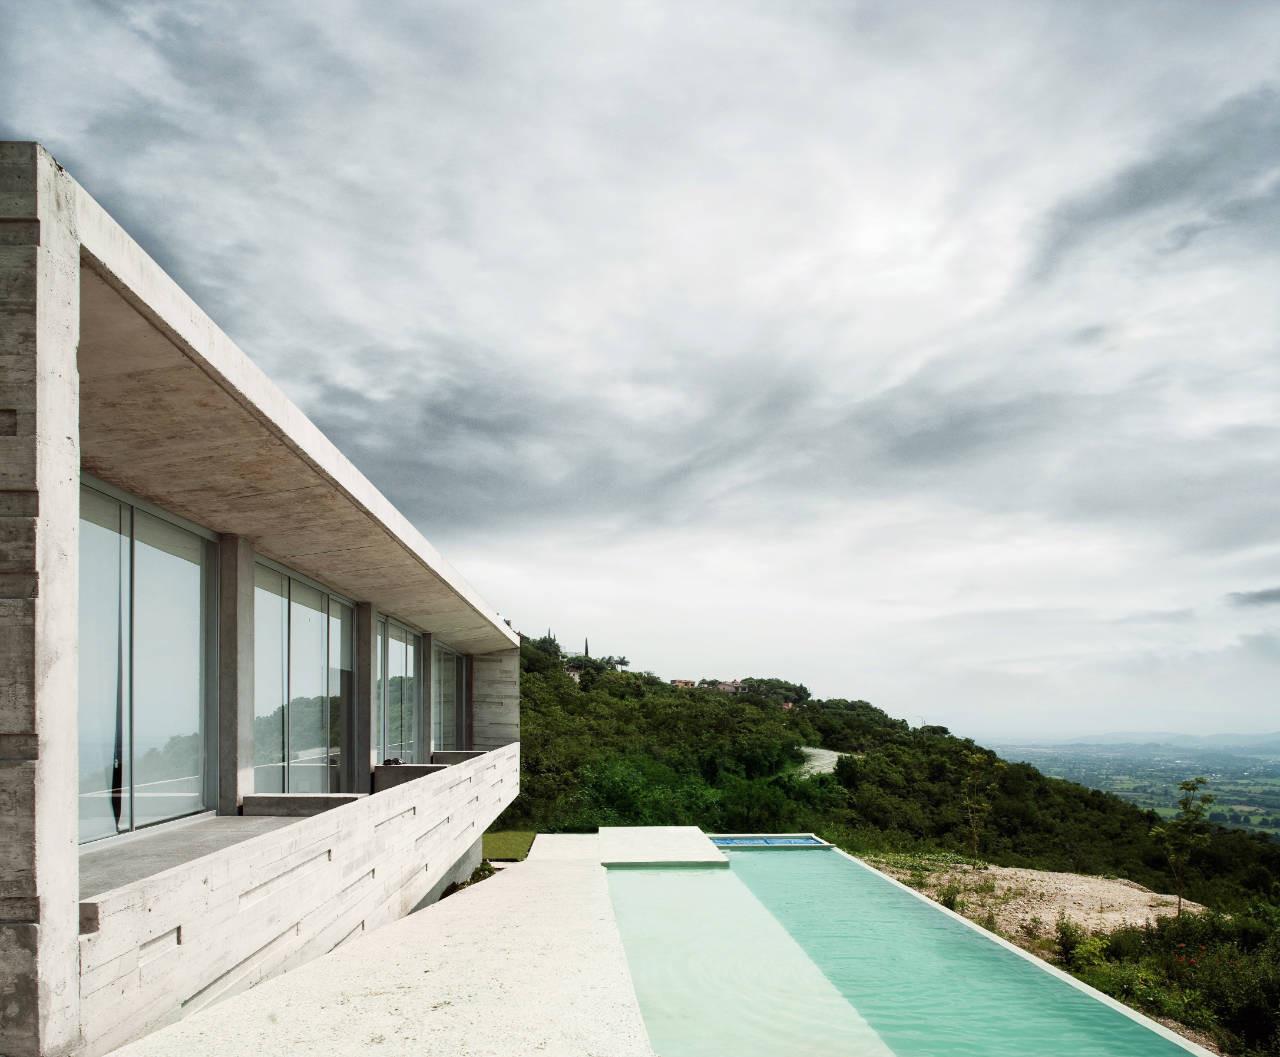 Widescreen House / RZERO, © Pedro Iriart